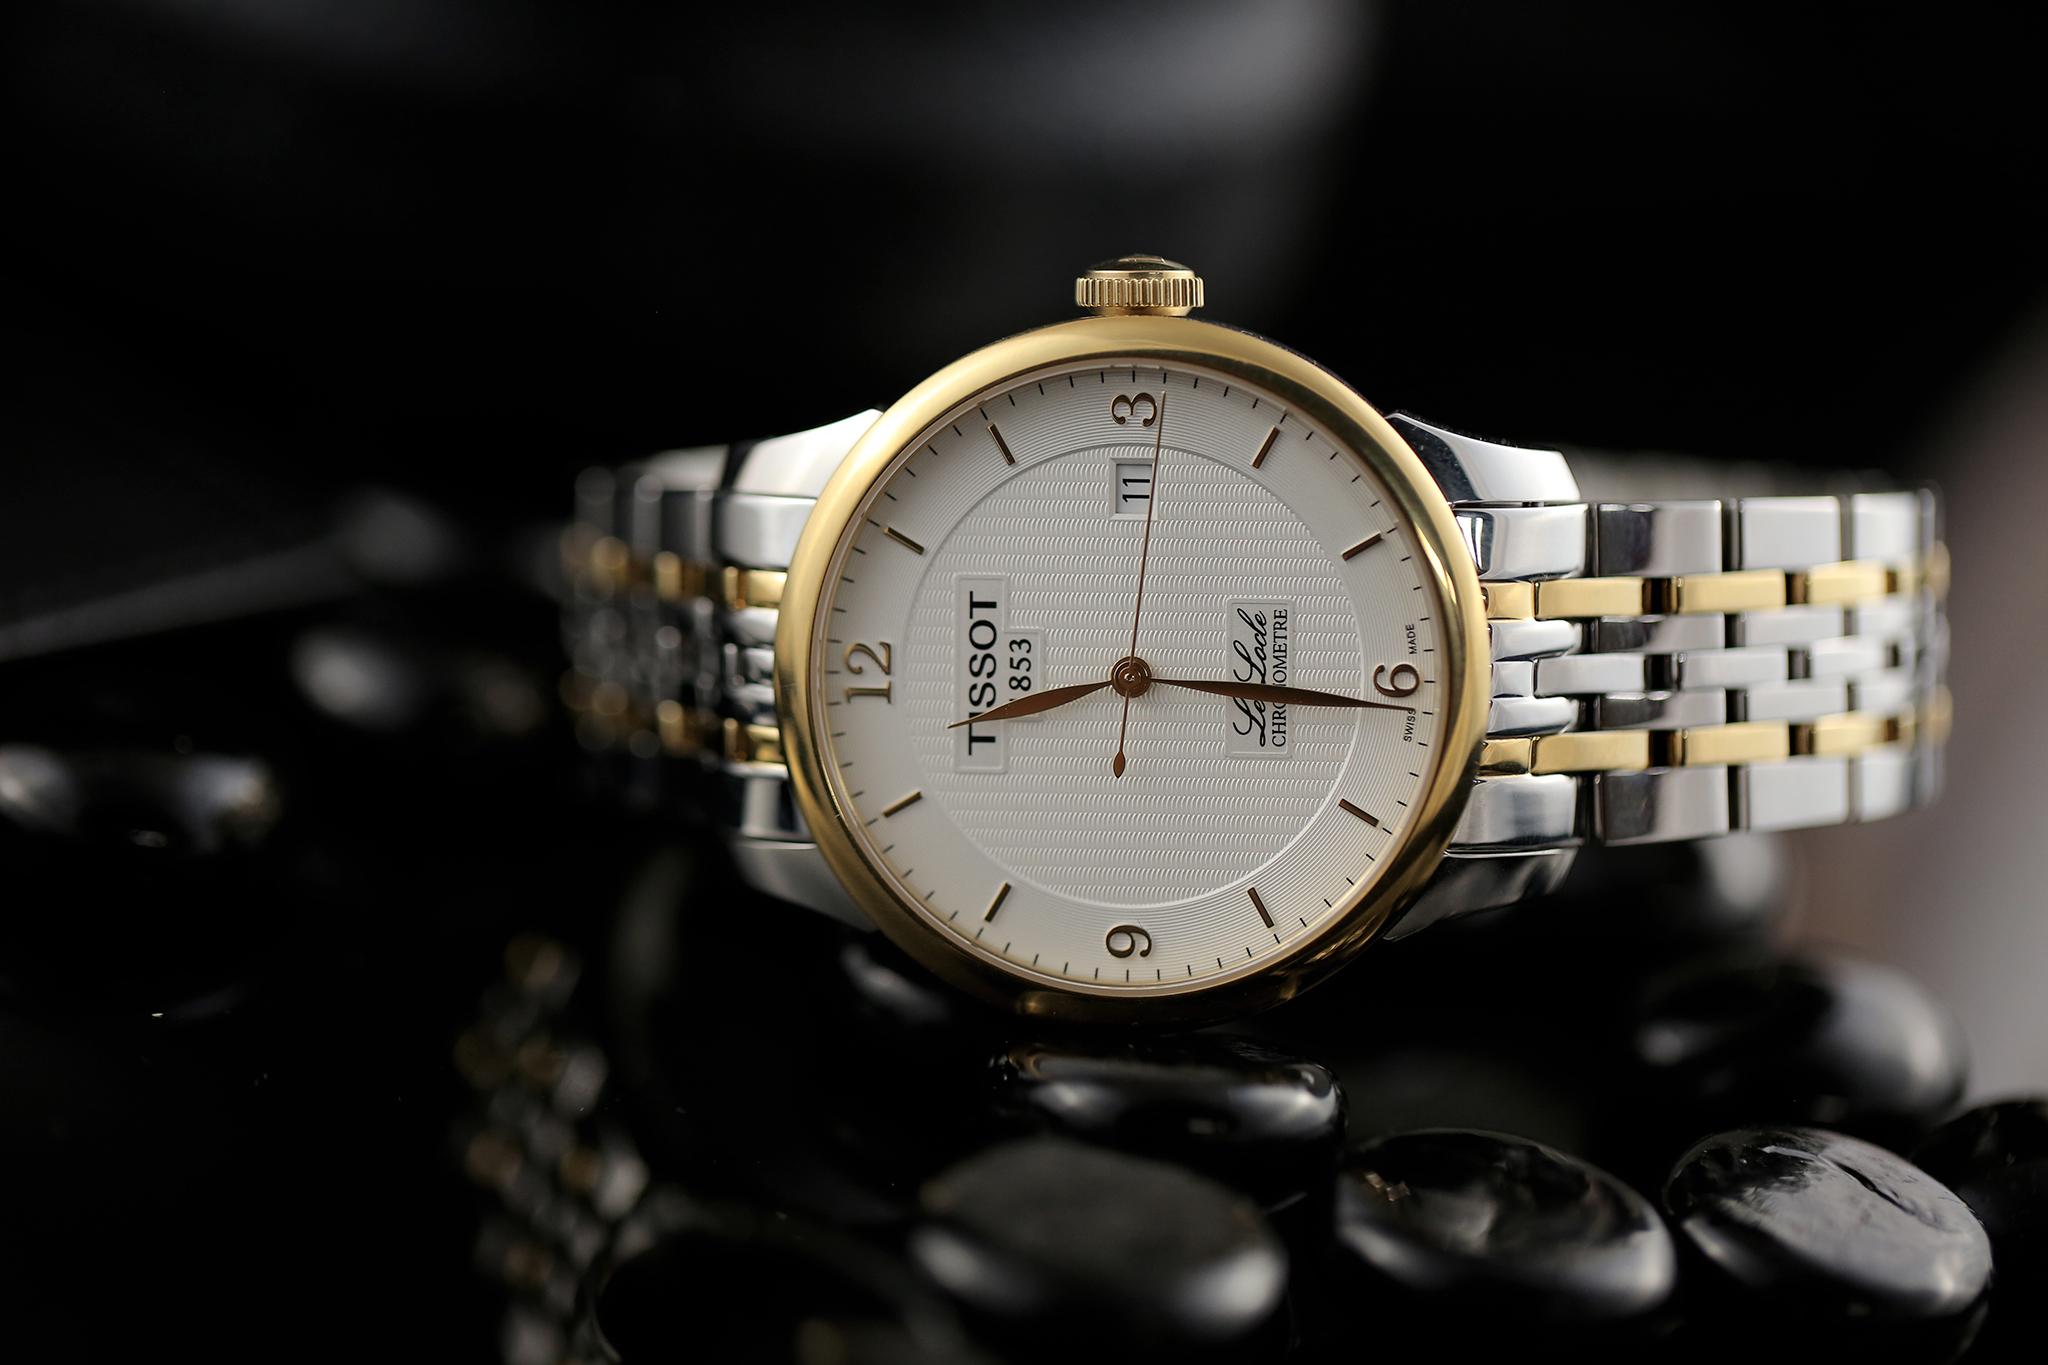 Chiêm ngưỡng Tissot Watch T-Gold – Bộ sưu tập đầy quyền lực